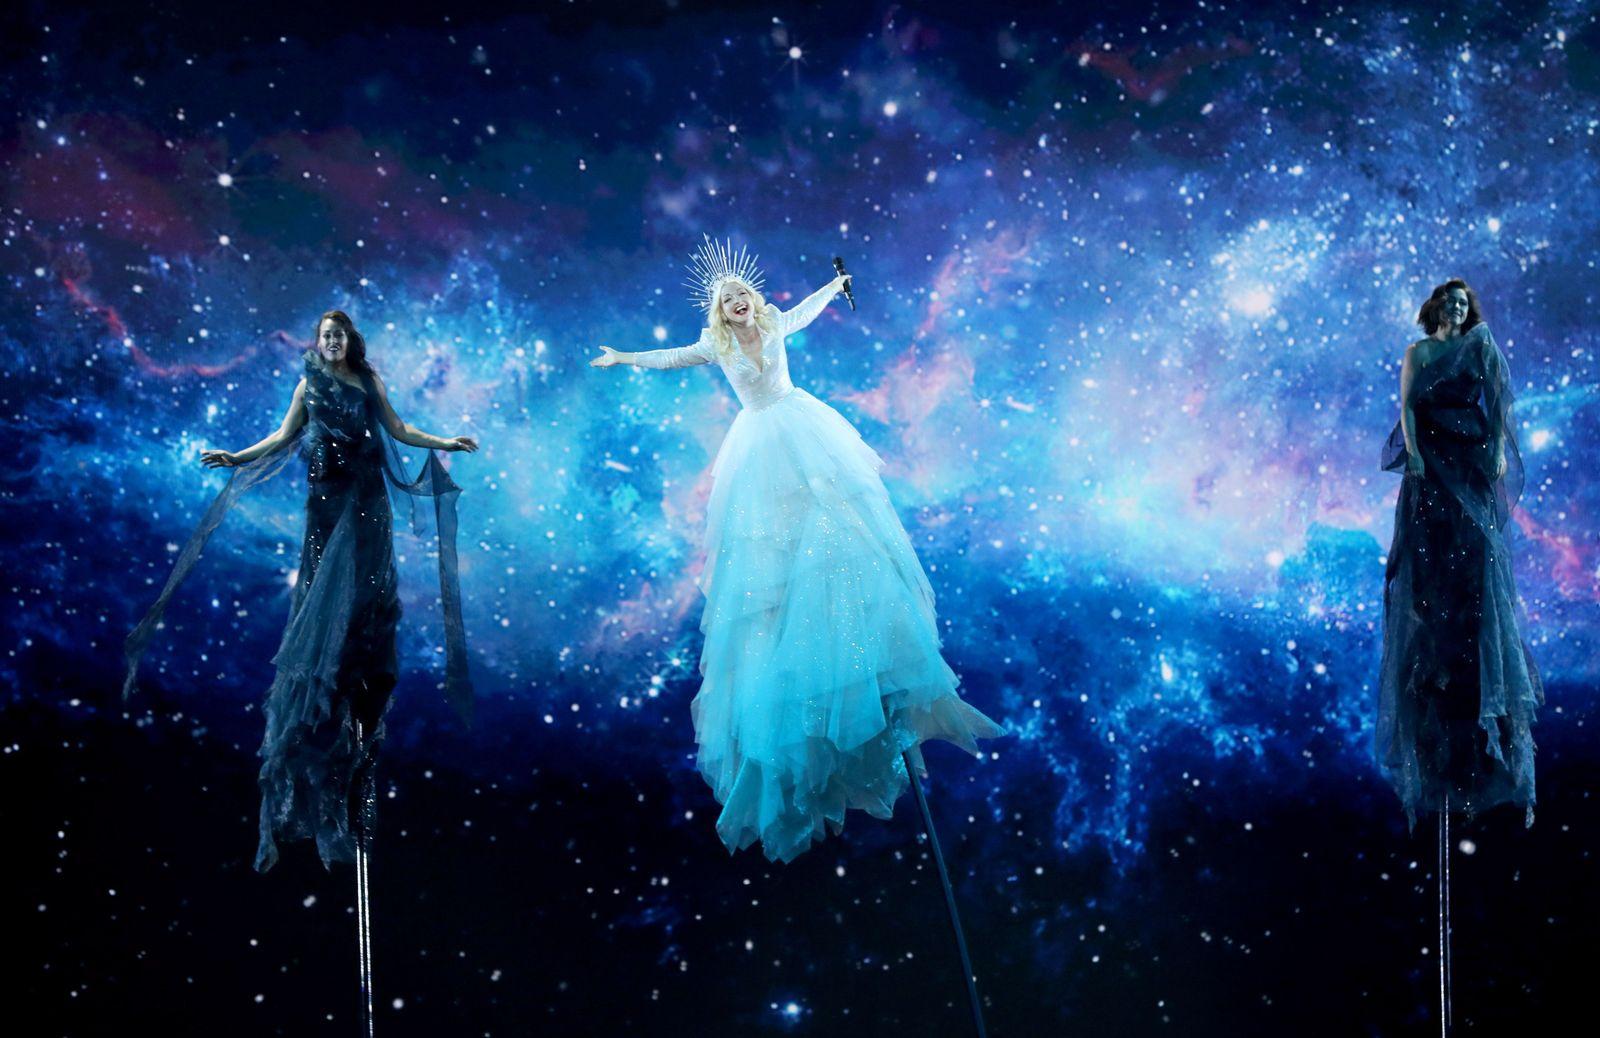 Eurovision Song Contest (ESC)